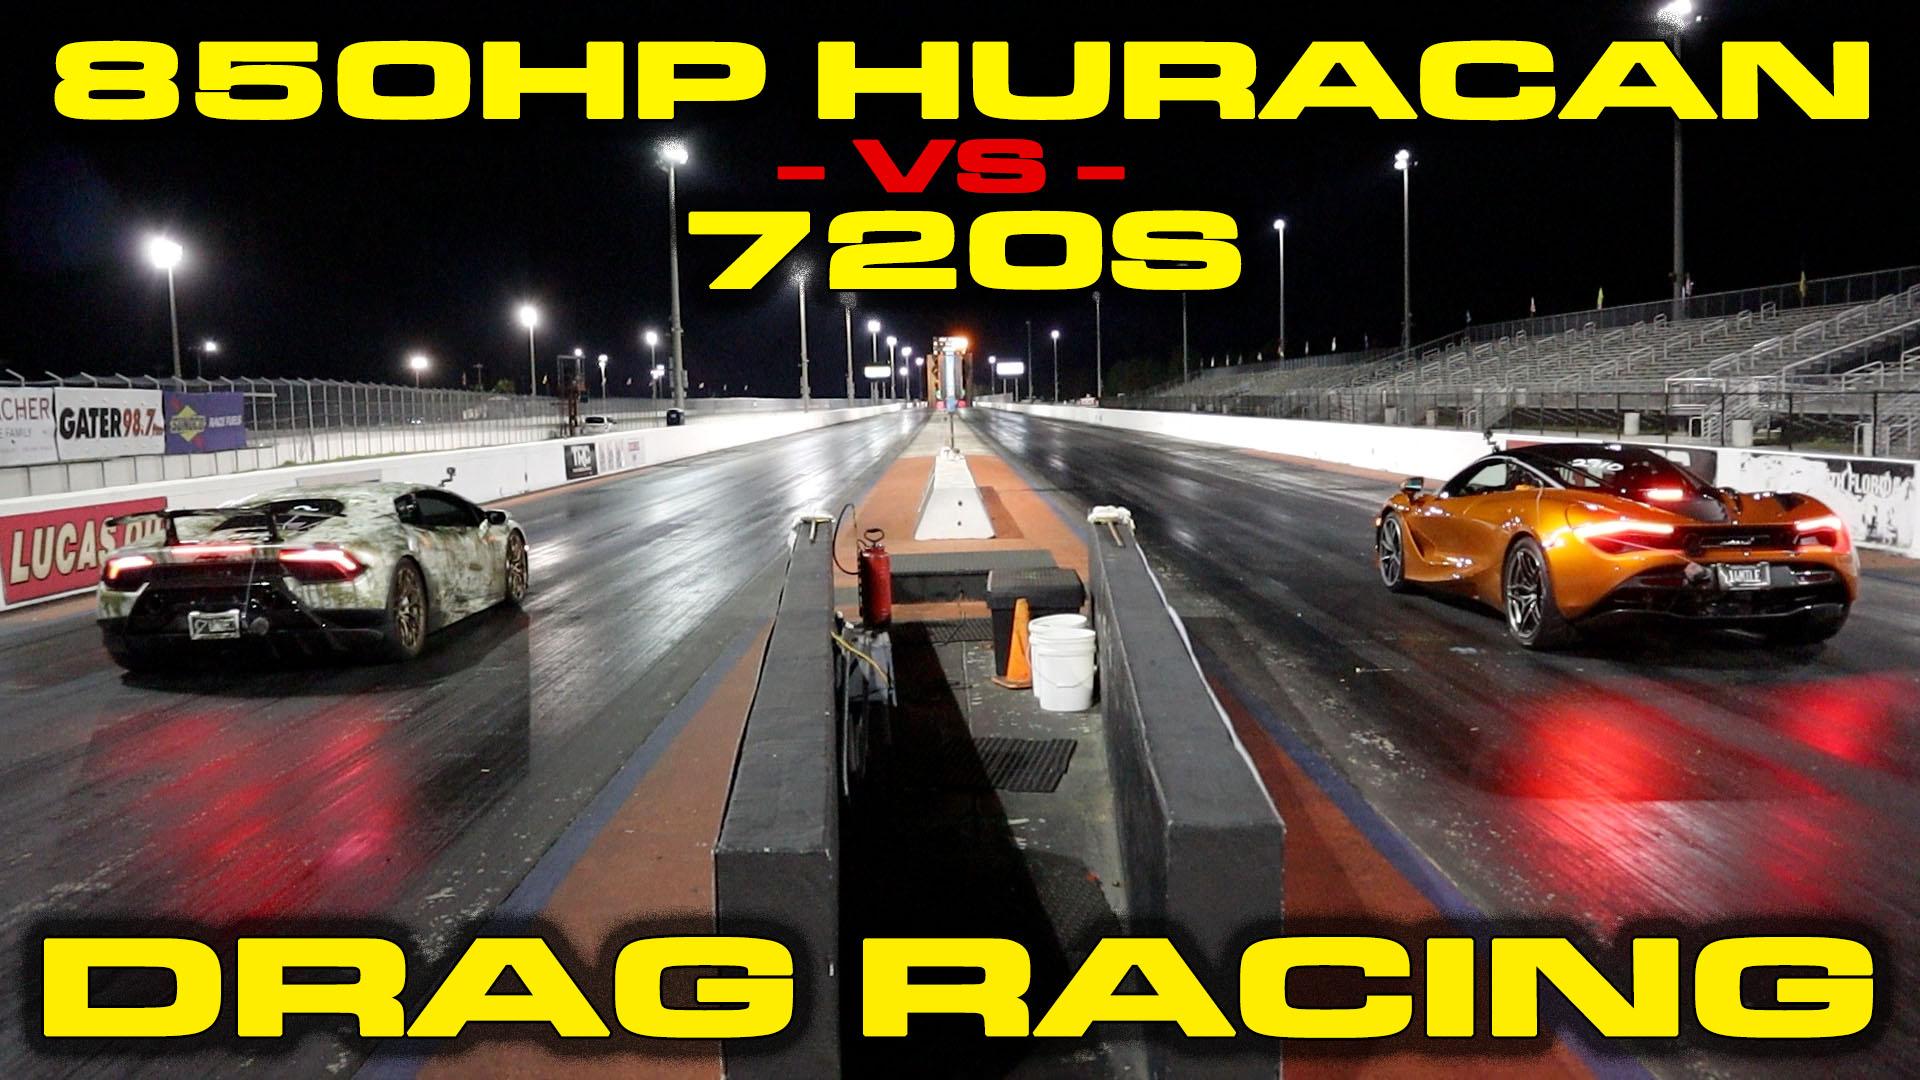 McLaren 720S vs 850HP Supercharged Lamborghini Huracan Performante 1/4 Mile Drag Racing